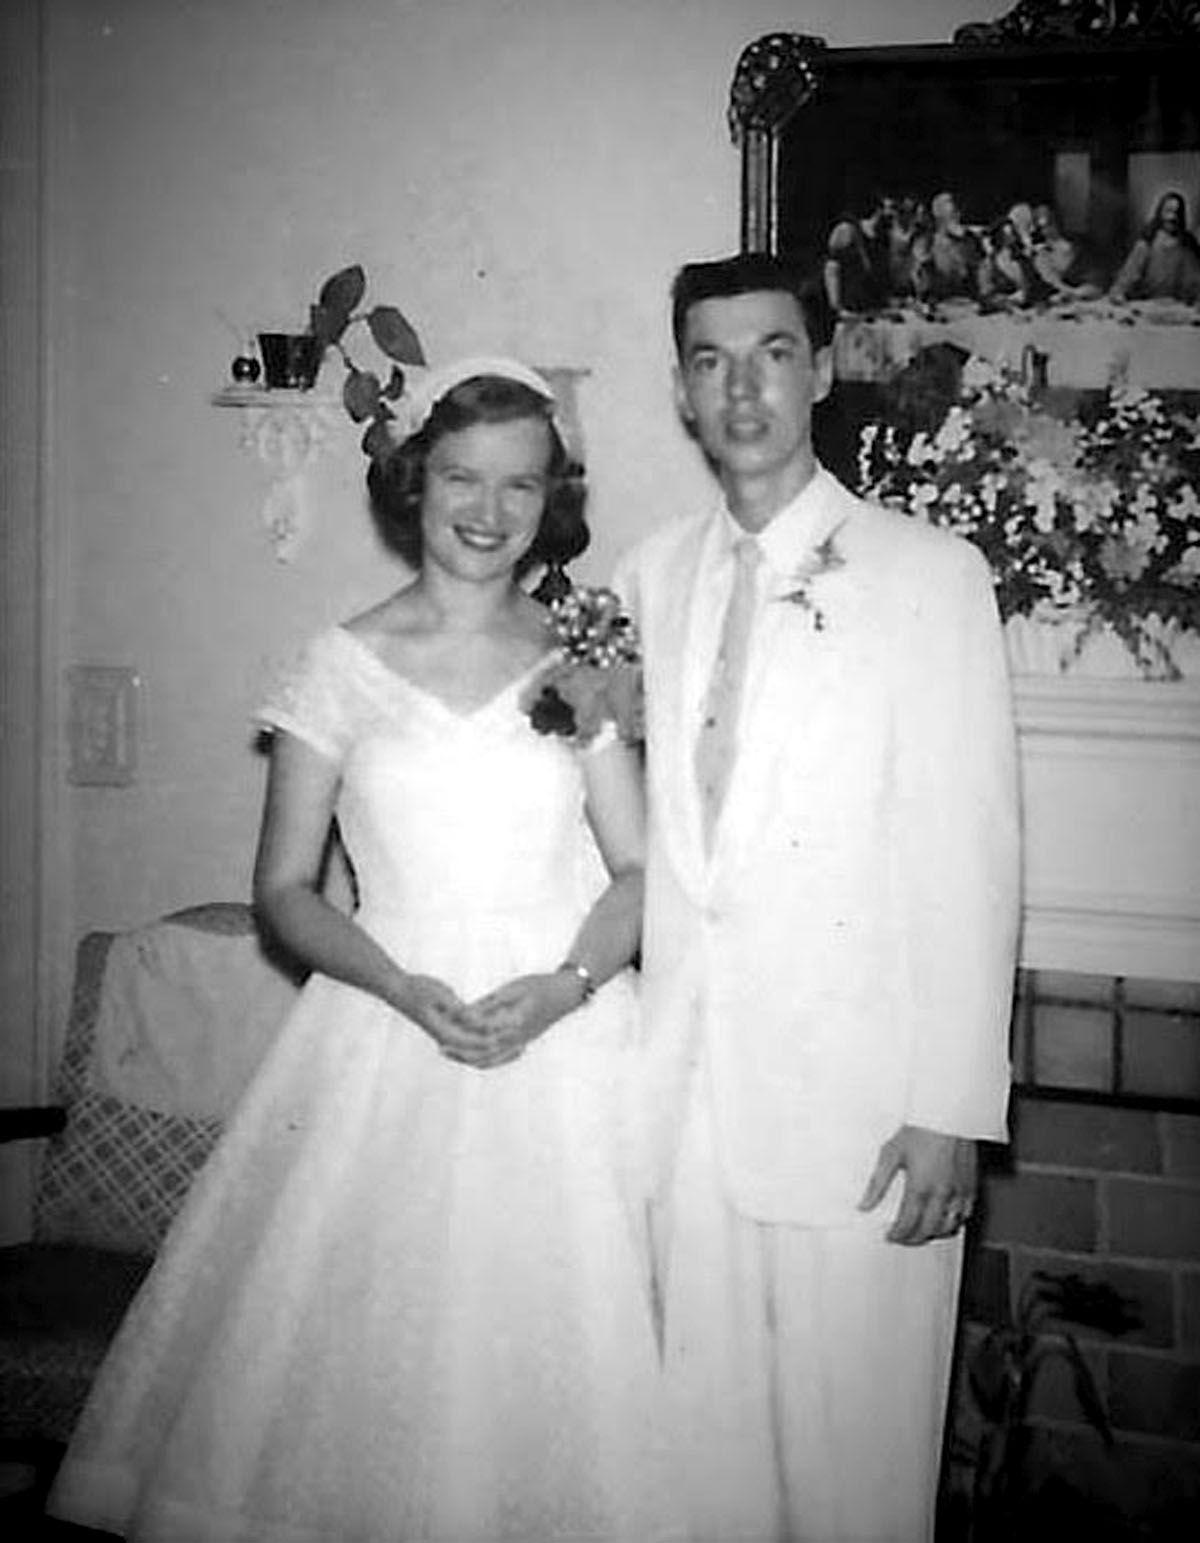 Harold and Sheila Bates